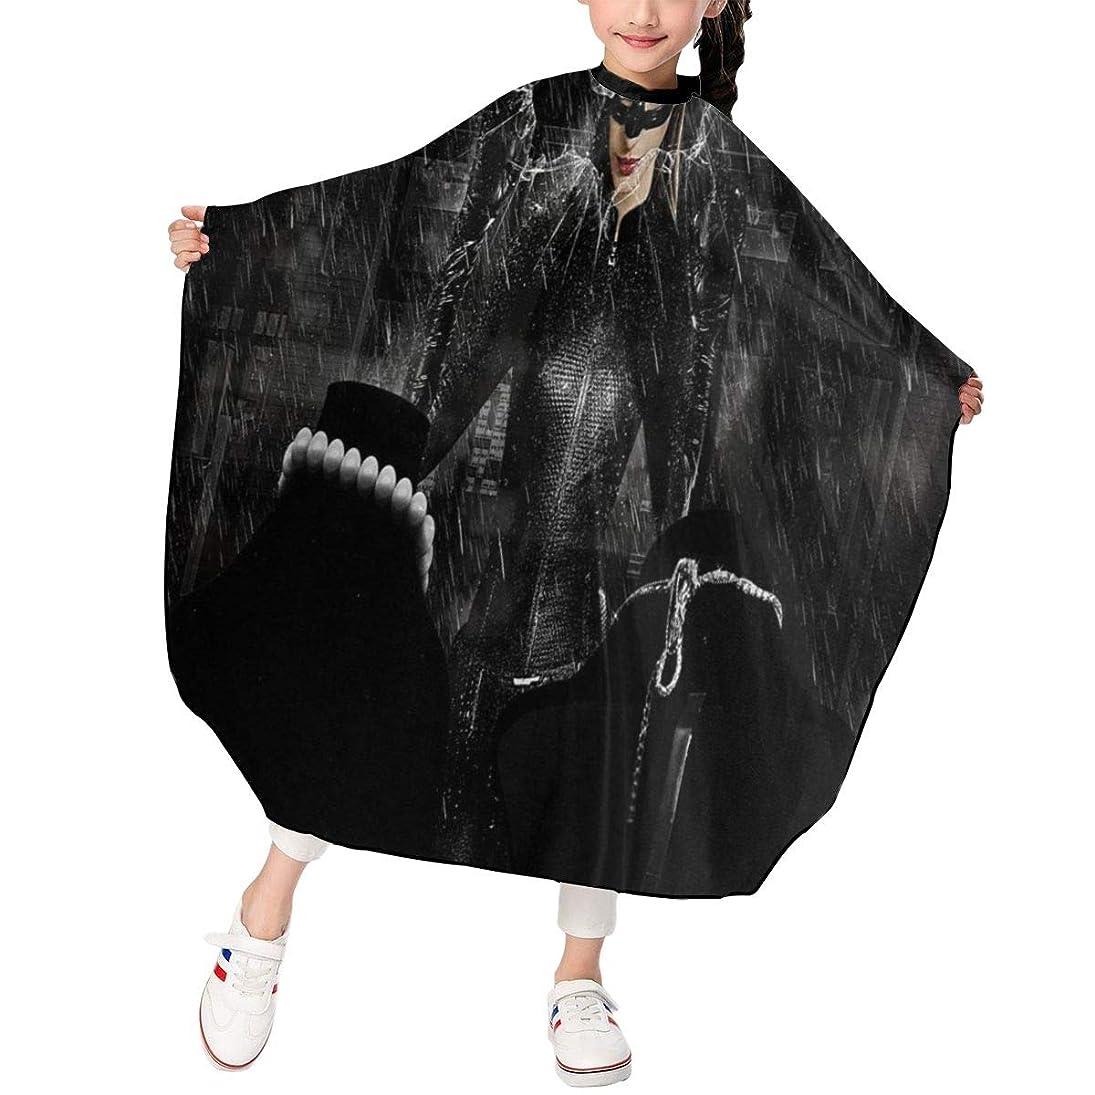 狐皮肉な取り付け最新の人気ヘアカットエプロン 子供用ヘアカットエプロン120×100cm キャットウーマンAnne Hathawayアン ハサウェイ 柔らかく、軽量で、繊細なポリエステル生地、肌にやさしい、ドライ